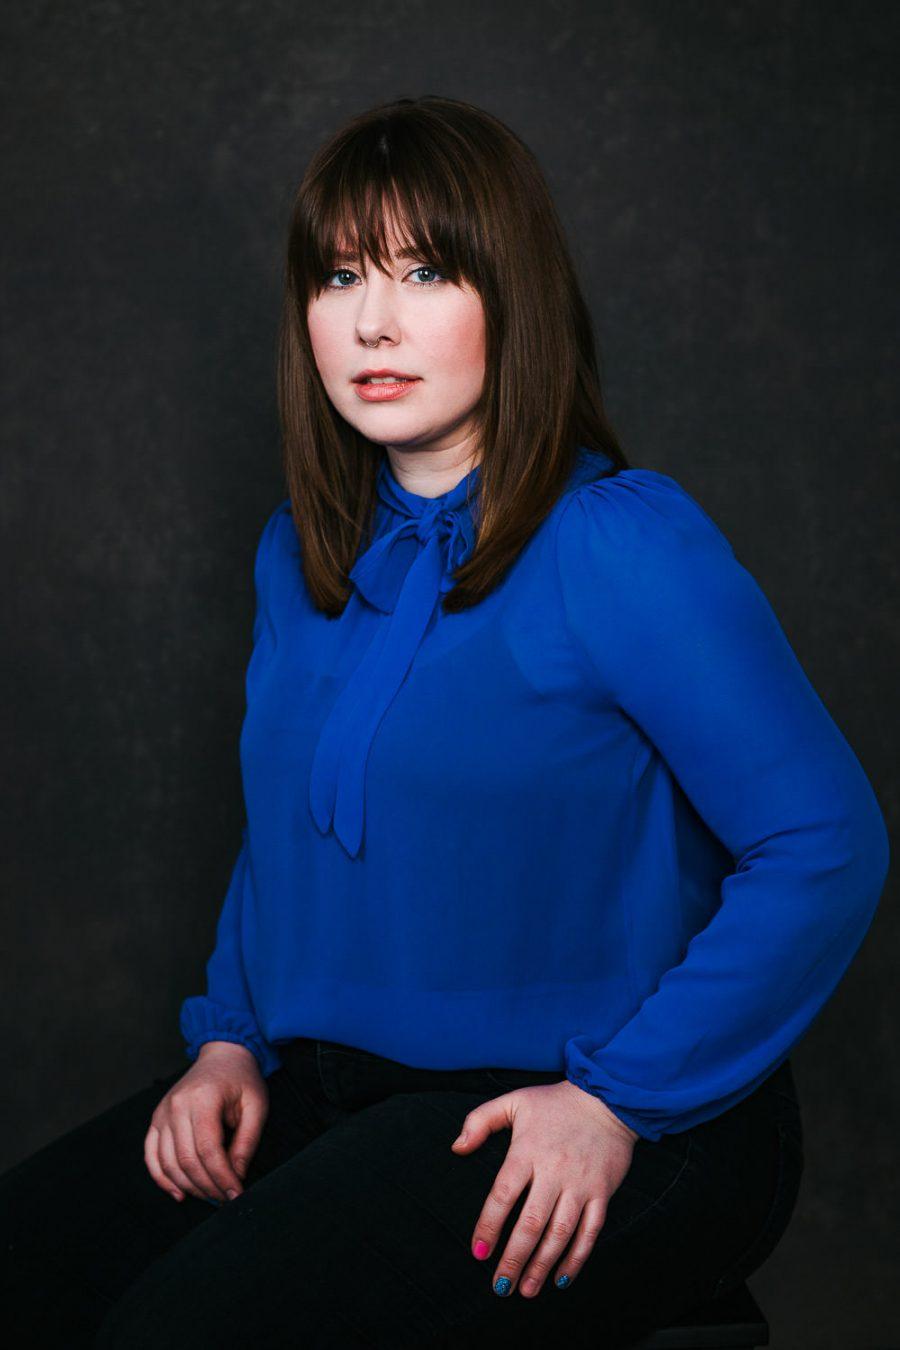 Studio Portrait In Blue Top